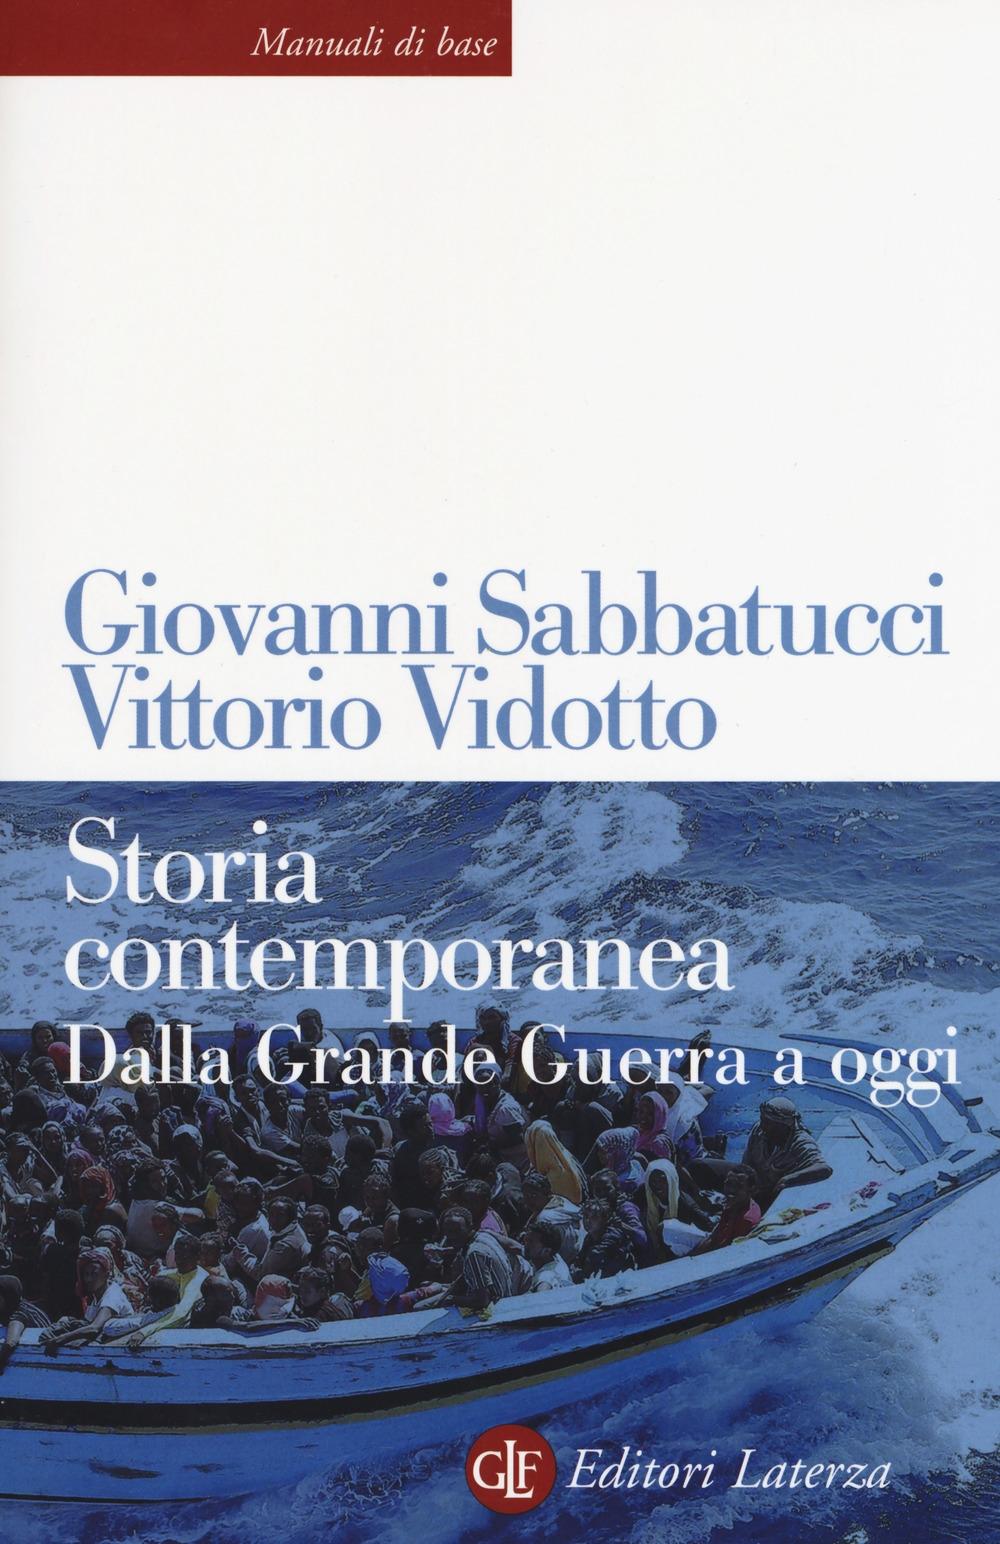 sabatucci vidotto storia contemporanea  9788859300434 Vittorio Vidotto - Giovanni Sabbatucci 2019 - Storia ...